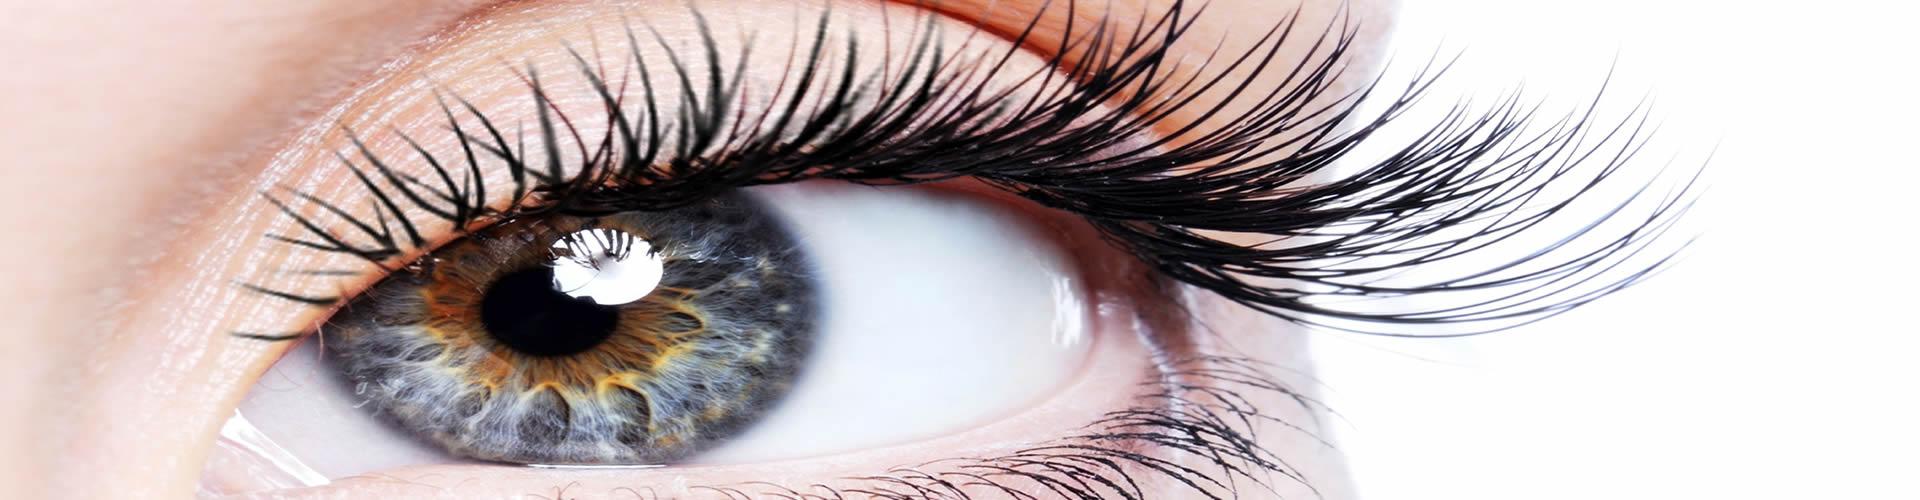 kontaktna sociva1